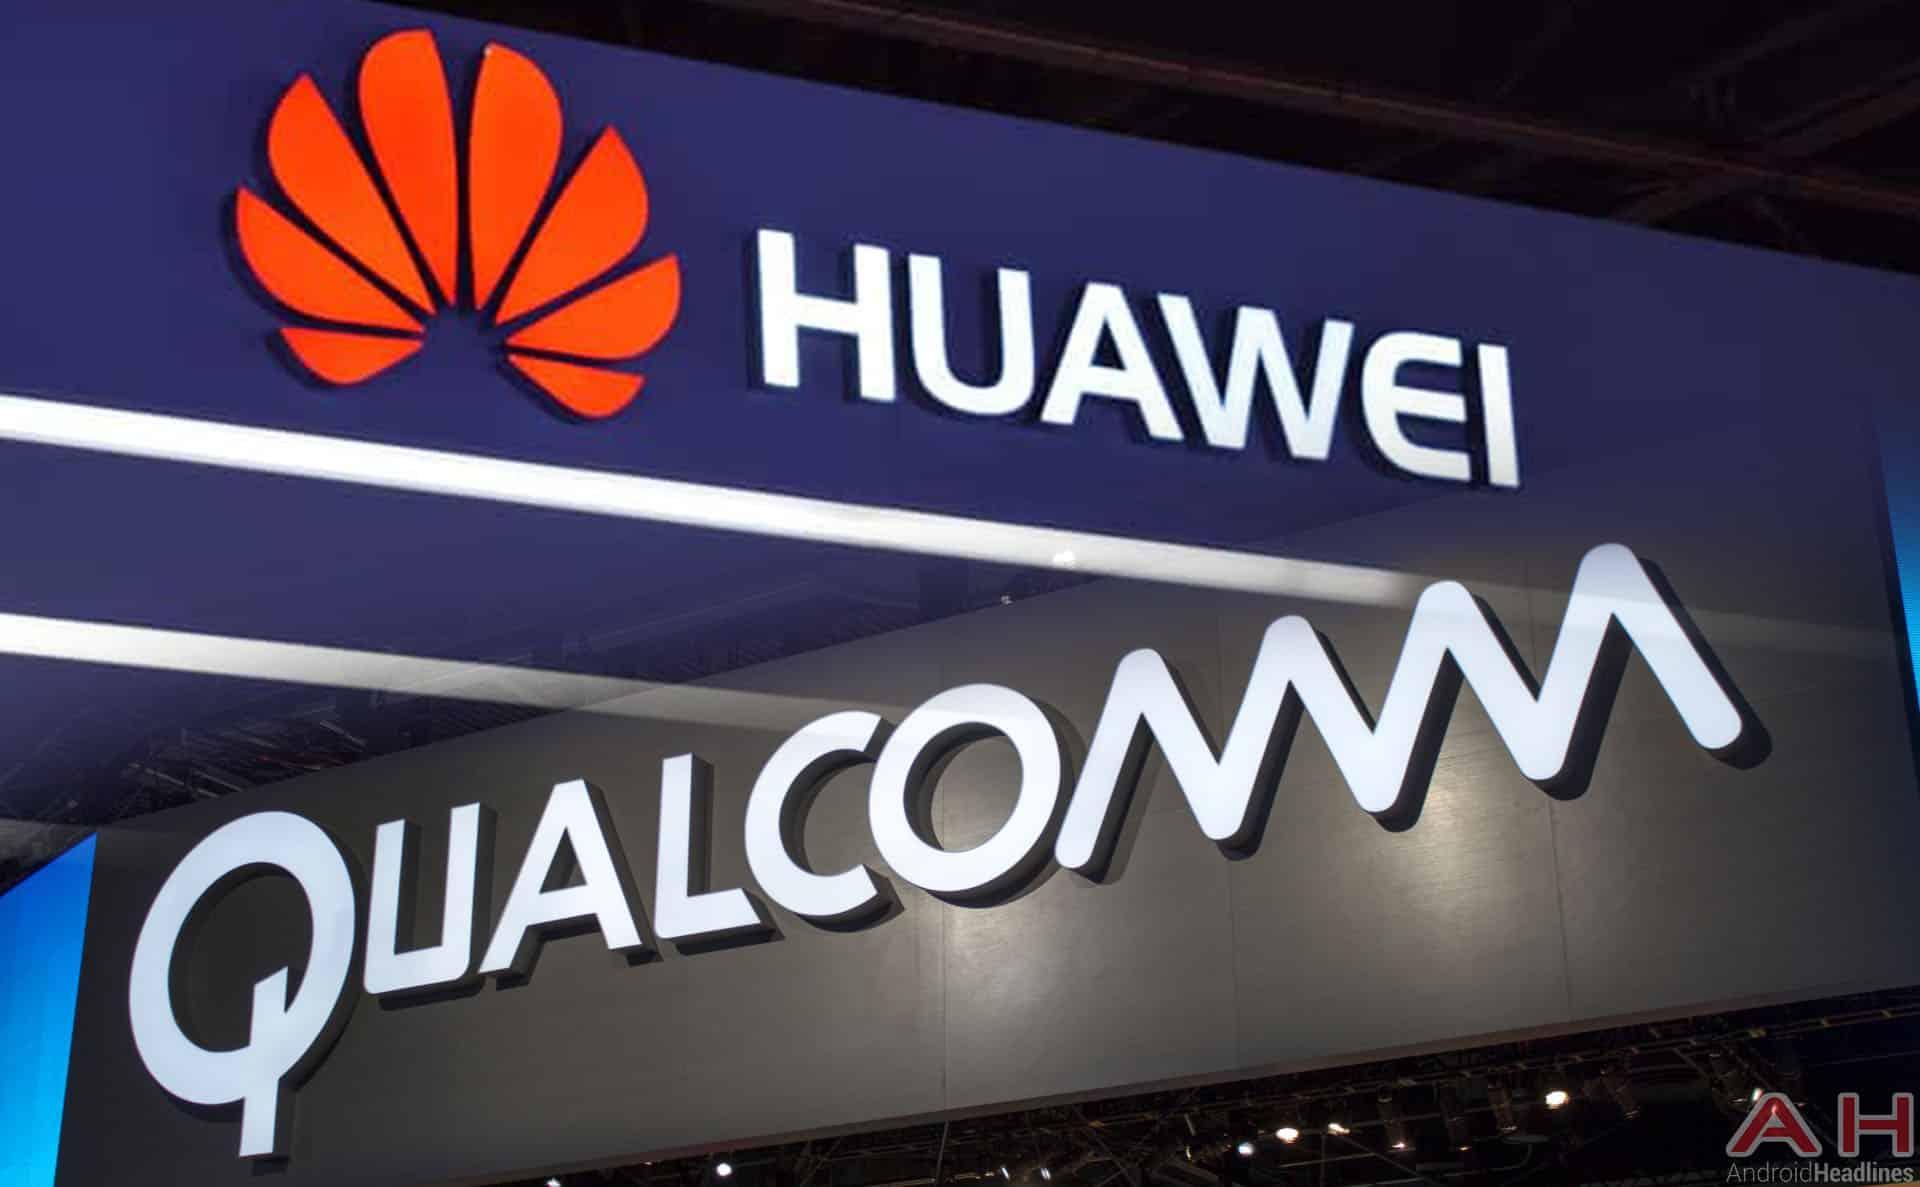 Huawei Qualcomm Logos AH Feb 18